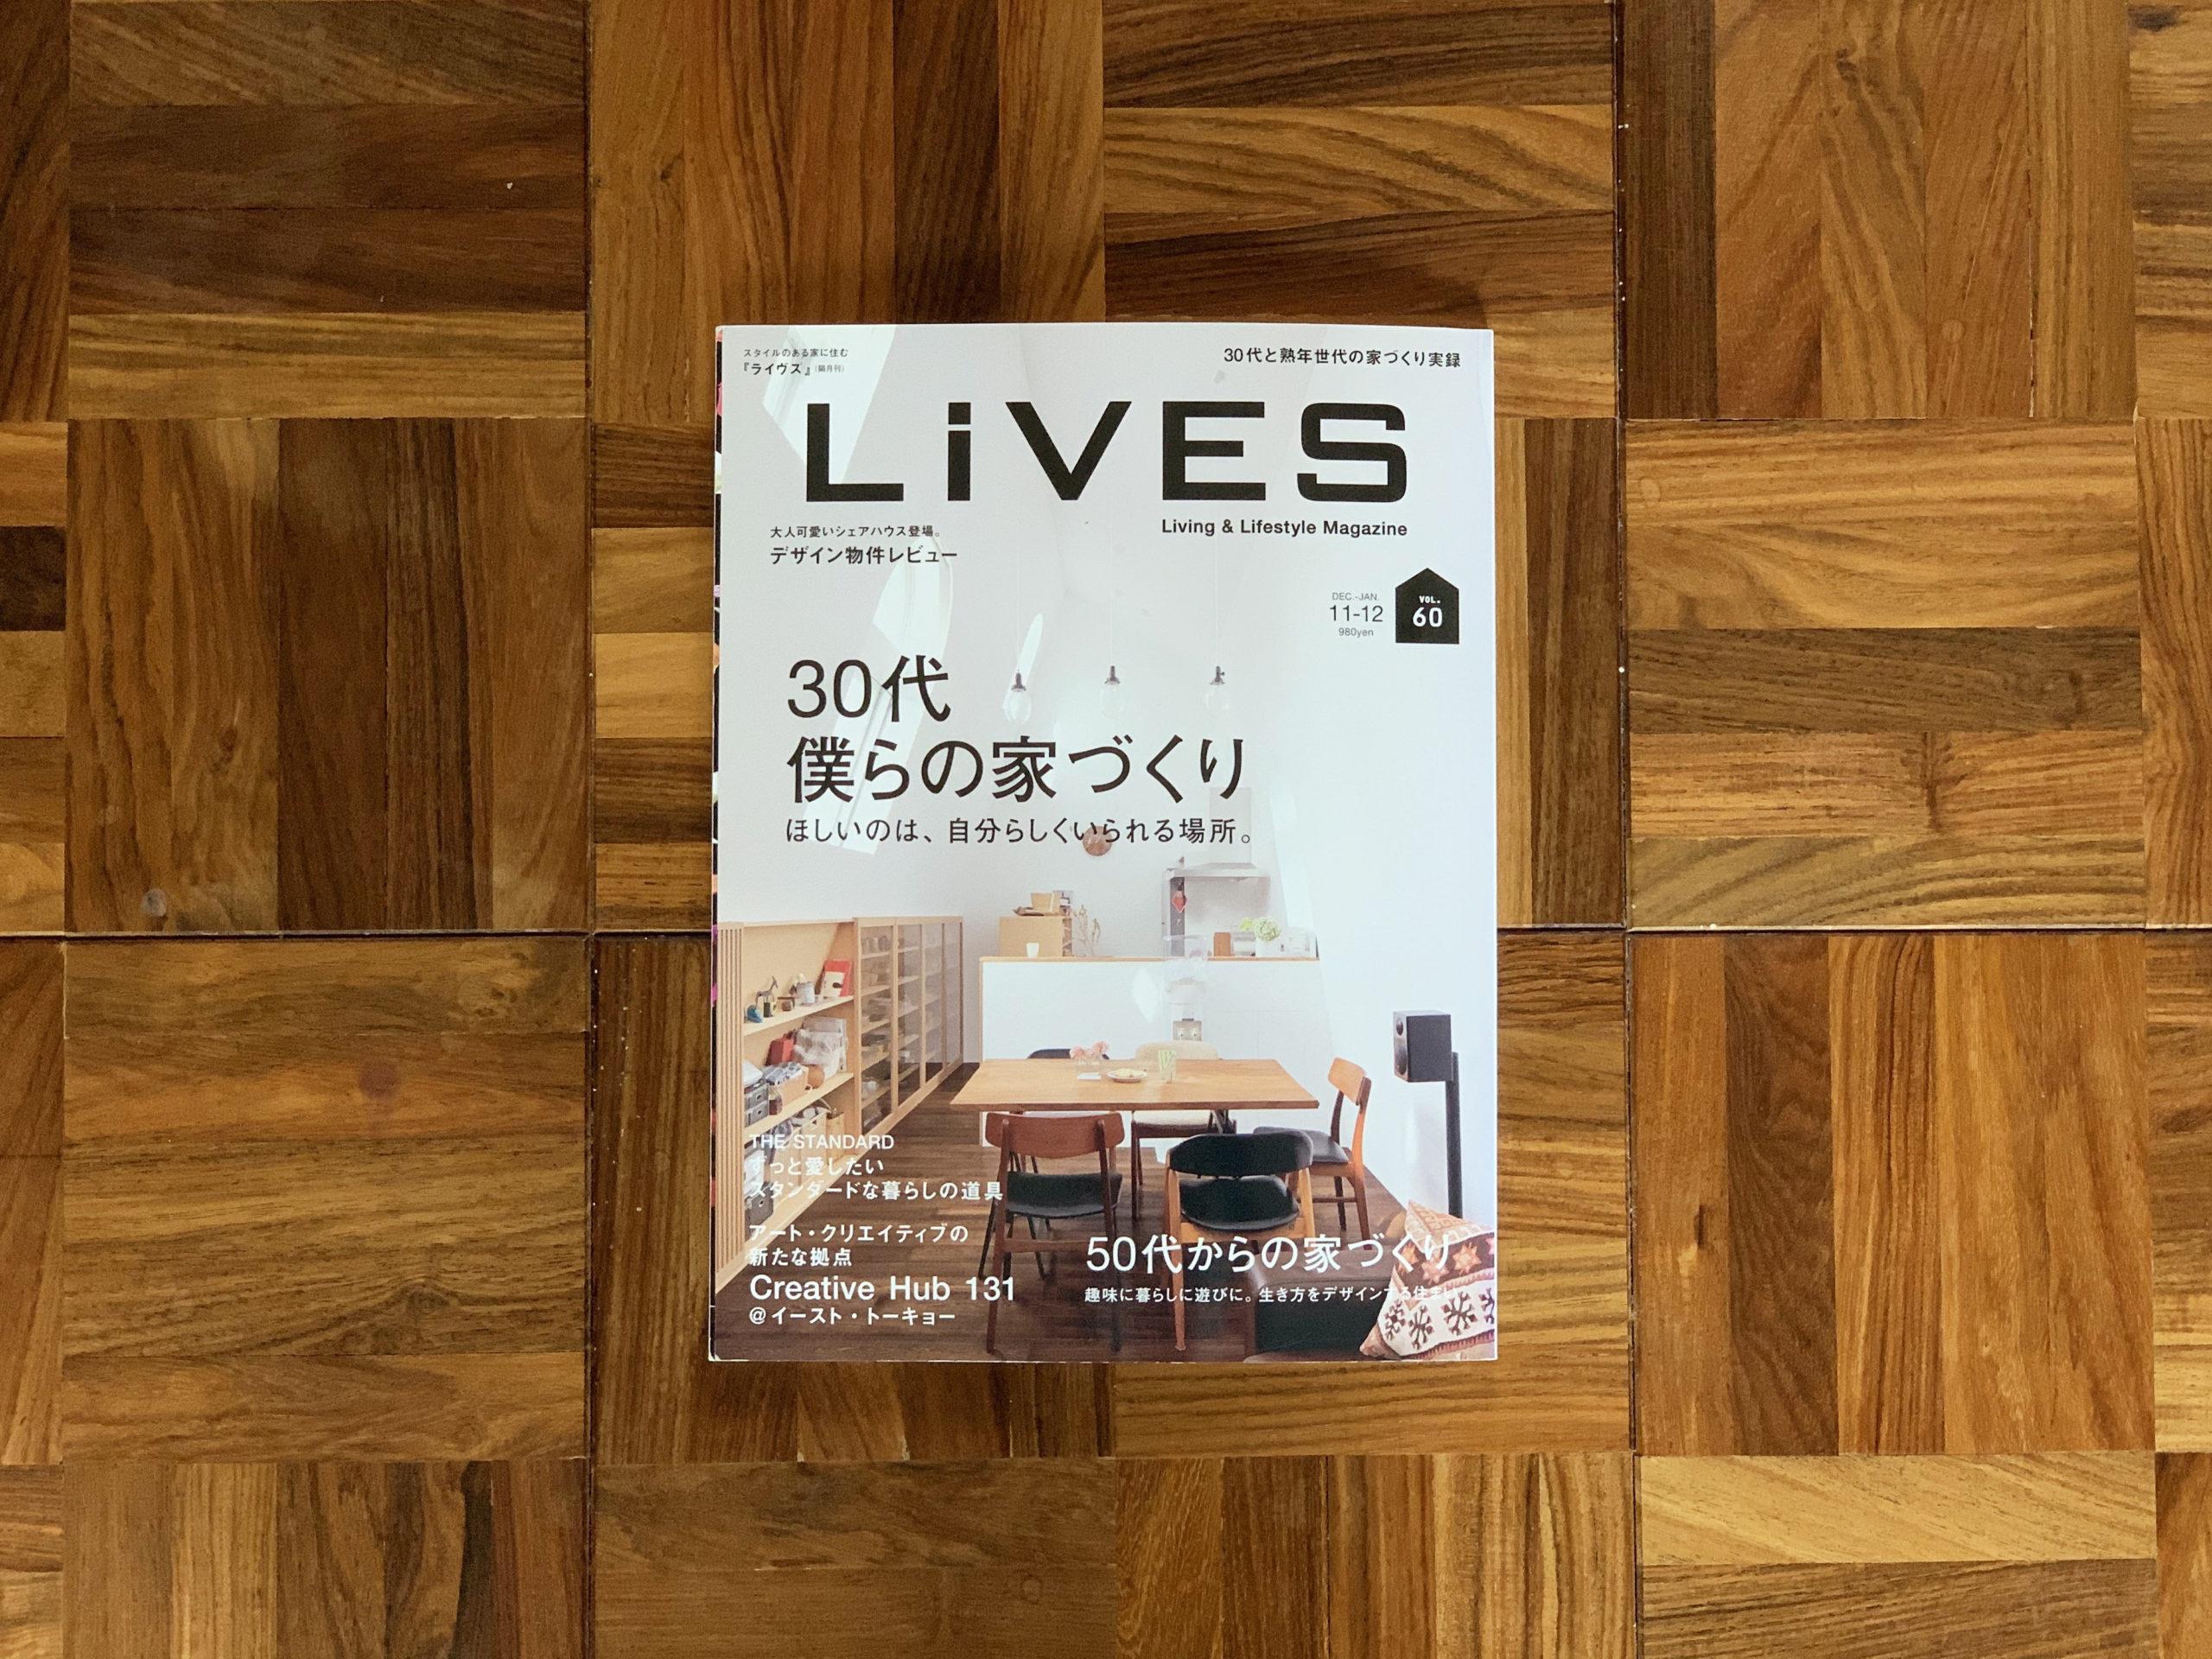 Lives vol.60